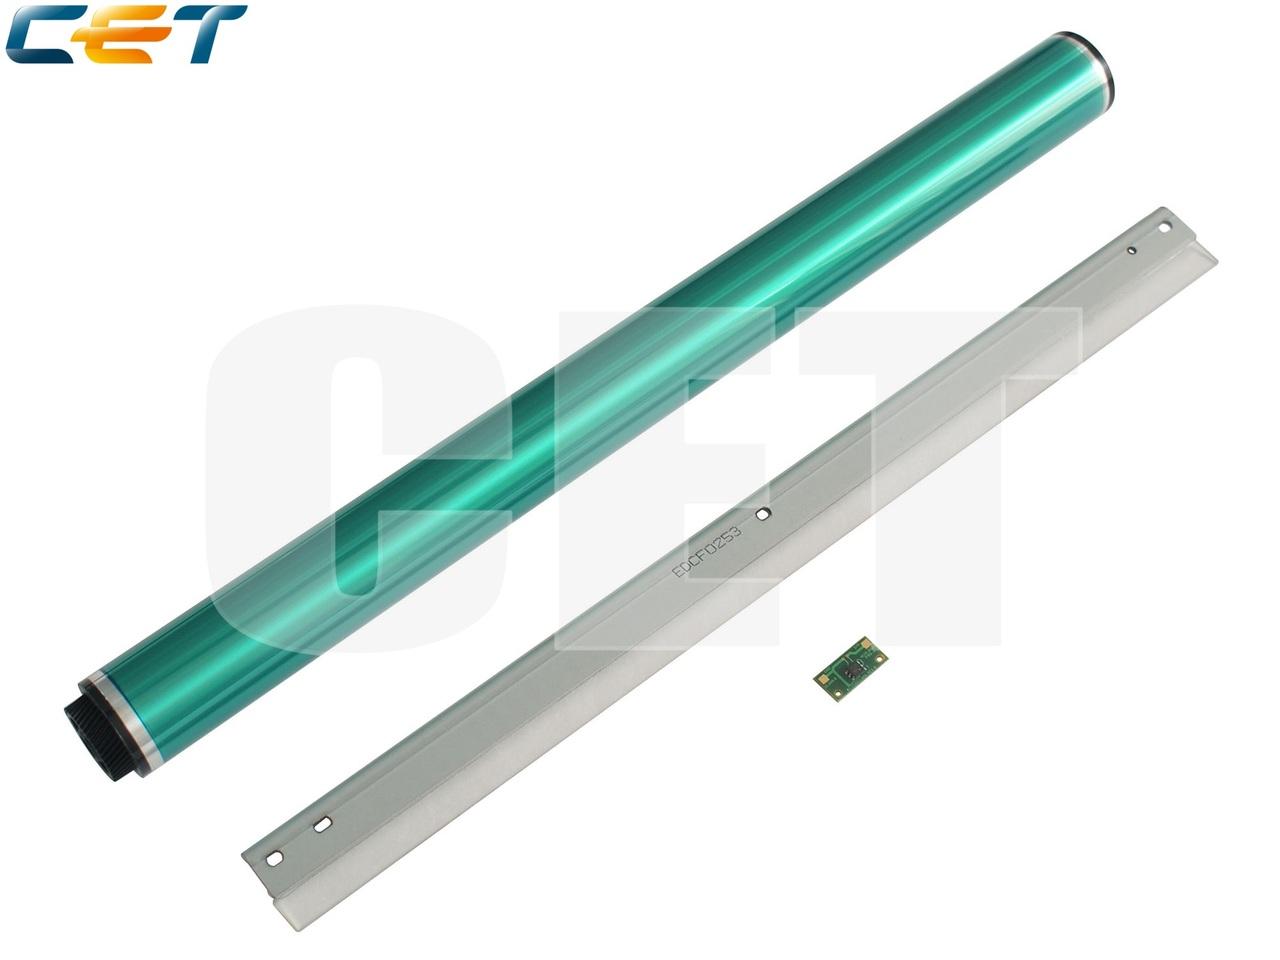 Комплект восстановления драм-юнита IU-210C для KONICAMINOLTA Bizhub C250/C252 (CET) Cyan, 50000 стр., CET3767